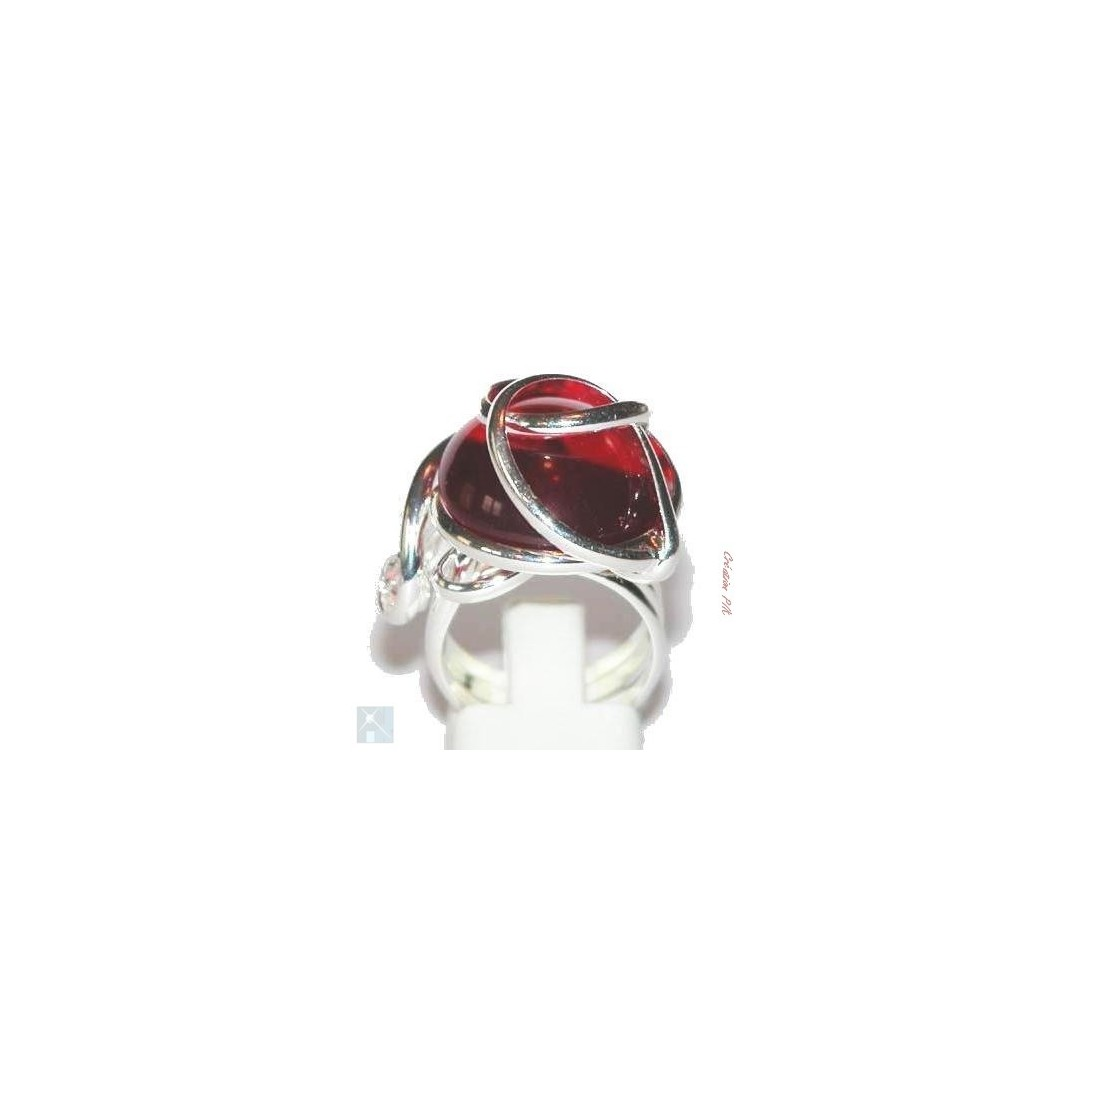 Le strass de diamètre 16mm en verre teinté de de couleur rouge dont l'éclat rappelle le rubis.